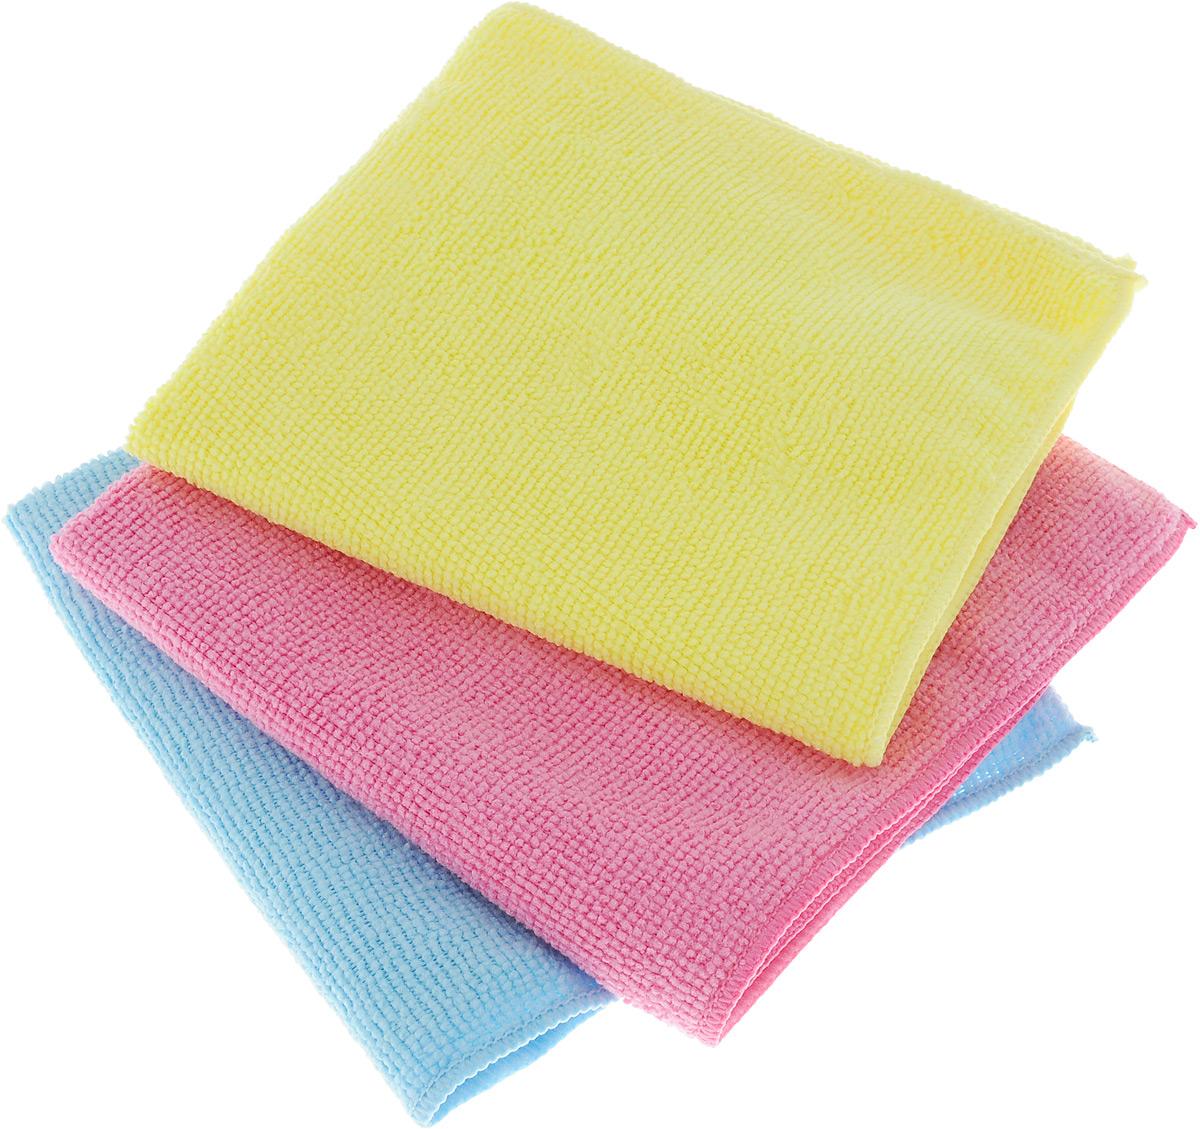 Набор салфеток для уборки Sol, из микрофибры, 30 x 30 см, 3 шт10035_розовый/голубой/желтыйНабор салфеток Sol выполнен из микрофибры. Микрофибра - это ткань из тонких микроволокон, которая эффективно очищает поверхности благодаря капиллярному эффектумежду ними. Такая салфетка может использоватьсякак для сухой, так и для влажной уборки. Деликатно очищает любые поверхности, не оставляя следов и разводов. Идеально подходит для протирки полированной мебели. Сохраняетсвои свойства после стирки.Размер салфетки: 30 х 30 см.